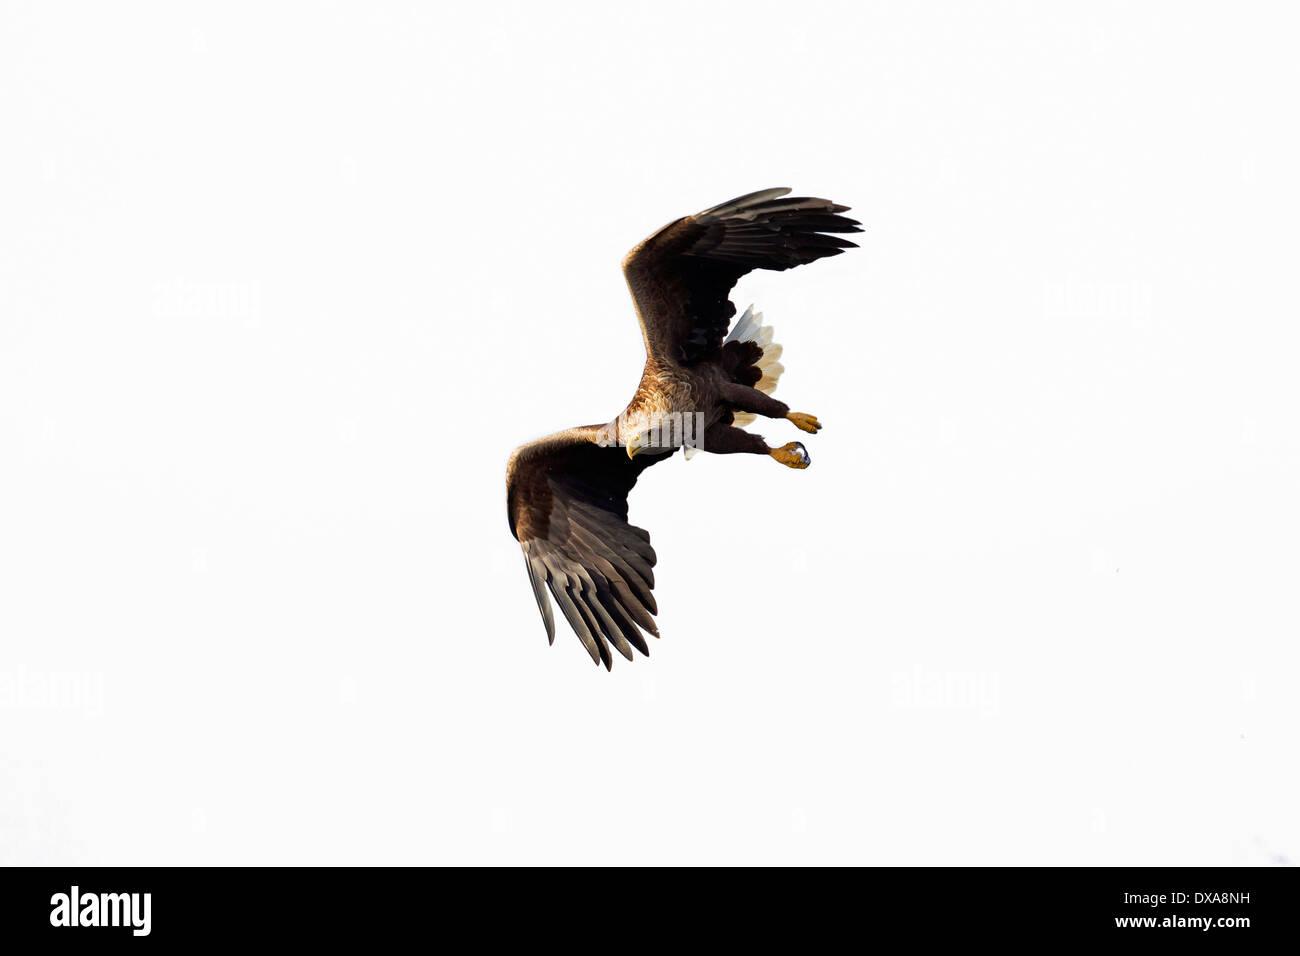 Seeadler / Sea Eagle / Erne (Haliaeetus Horste) auf der Flucht vor weißem Hintergrund Stockfoto